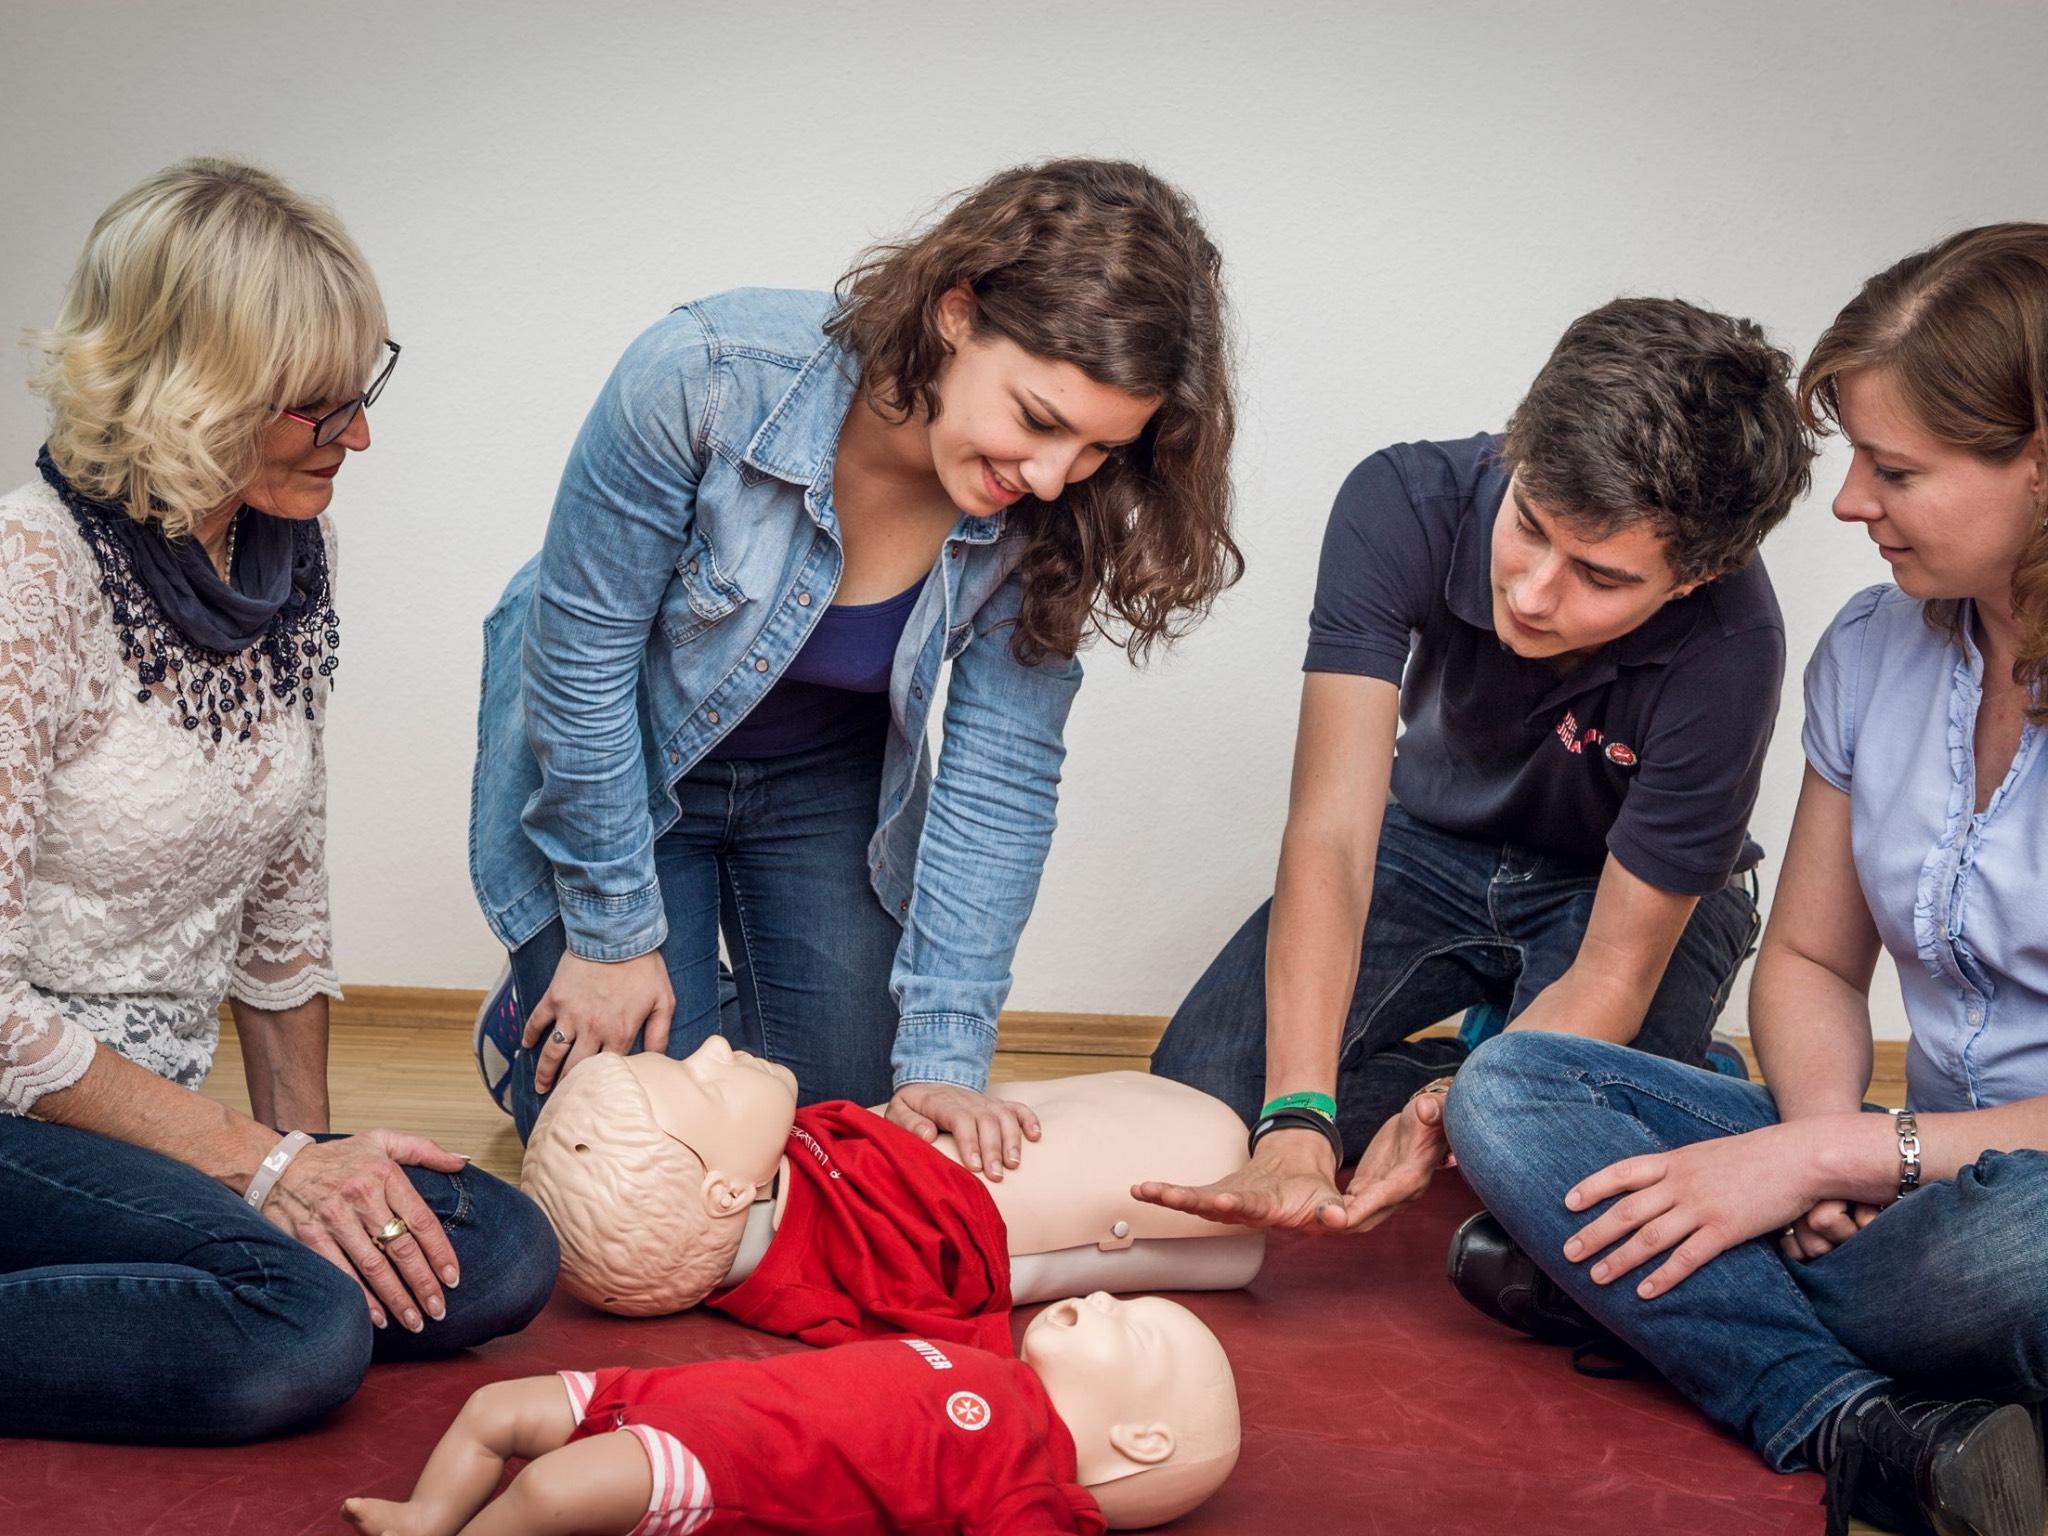 Erste-Hilfe-Kurs bei den Johannitern. Foto: Johanniter Unterfranken.